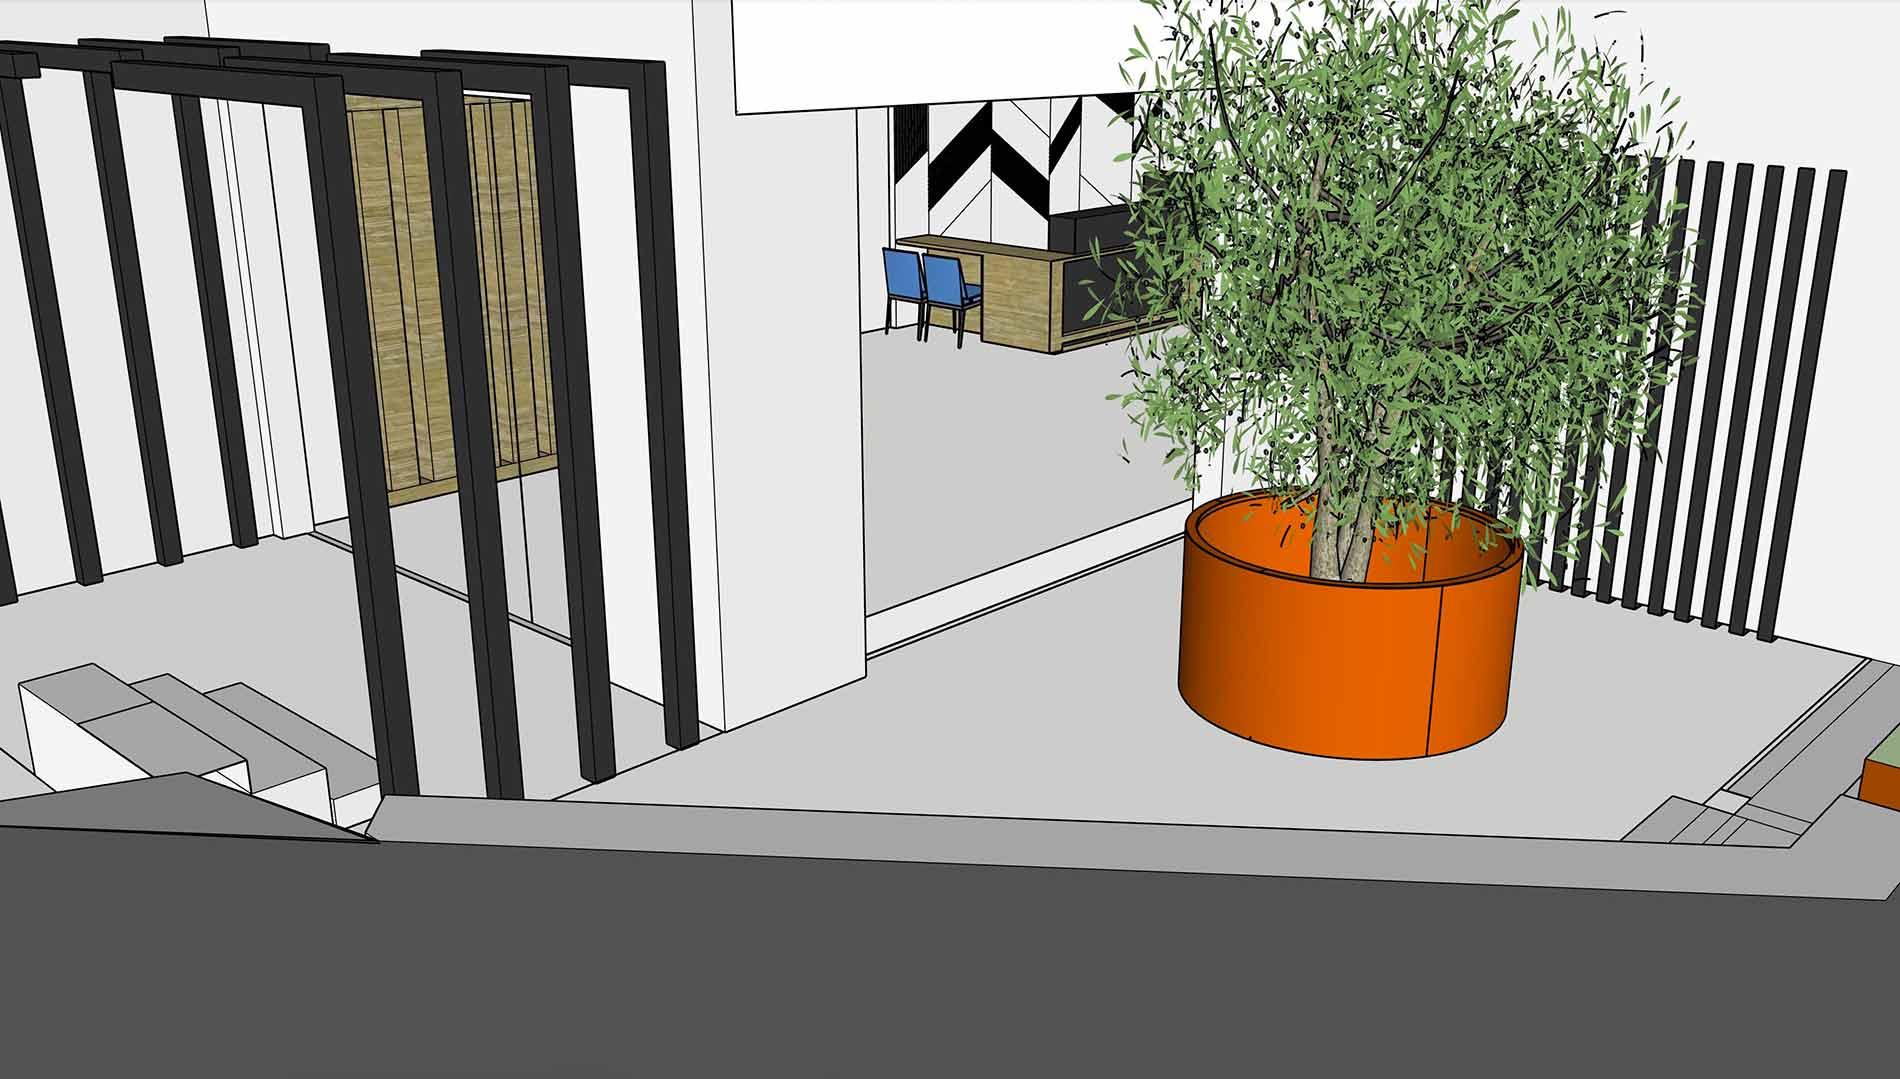 Tenerife 3d visual planter pergola cladding